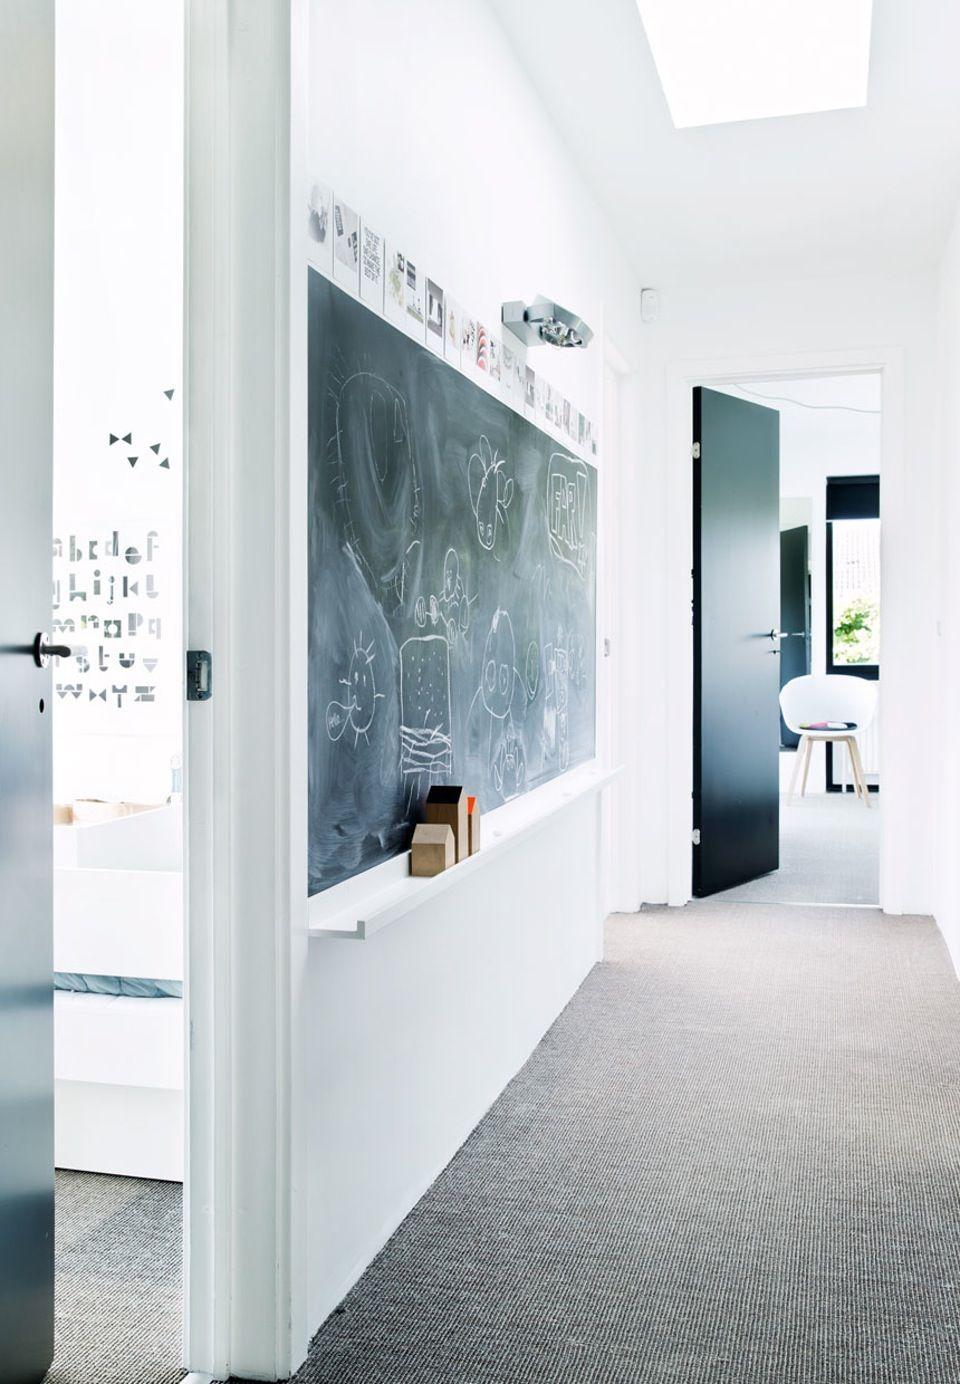 Eine schöne Idee für den Flur Eine Holzplatte mit Tafelfarbe